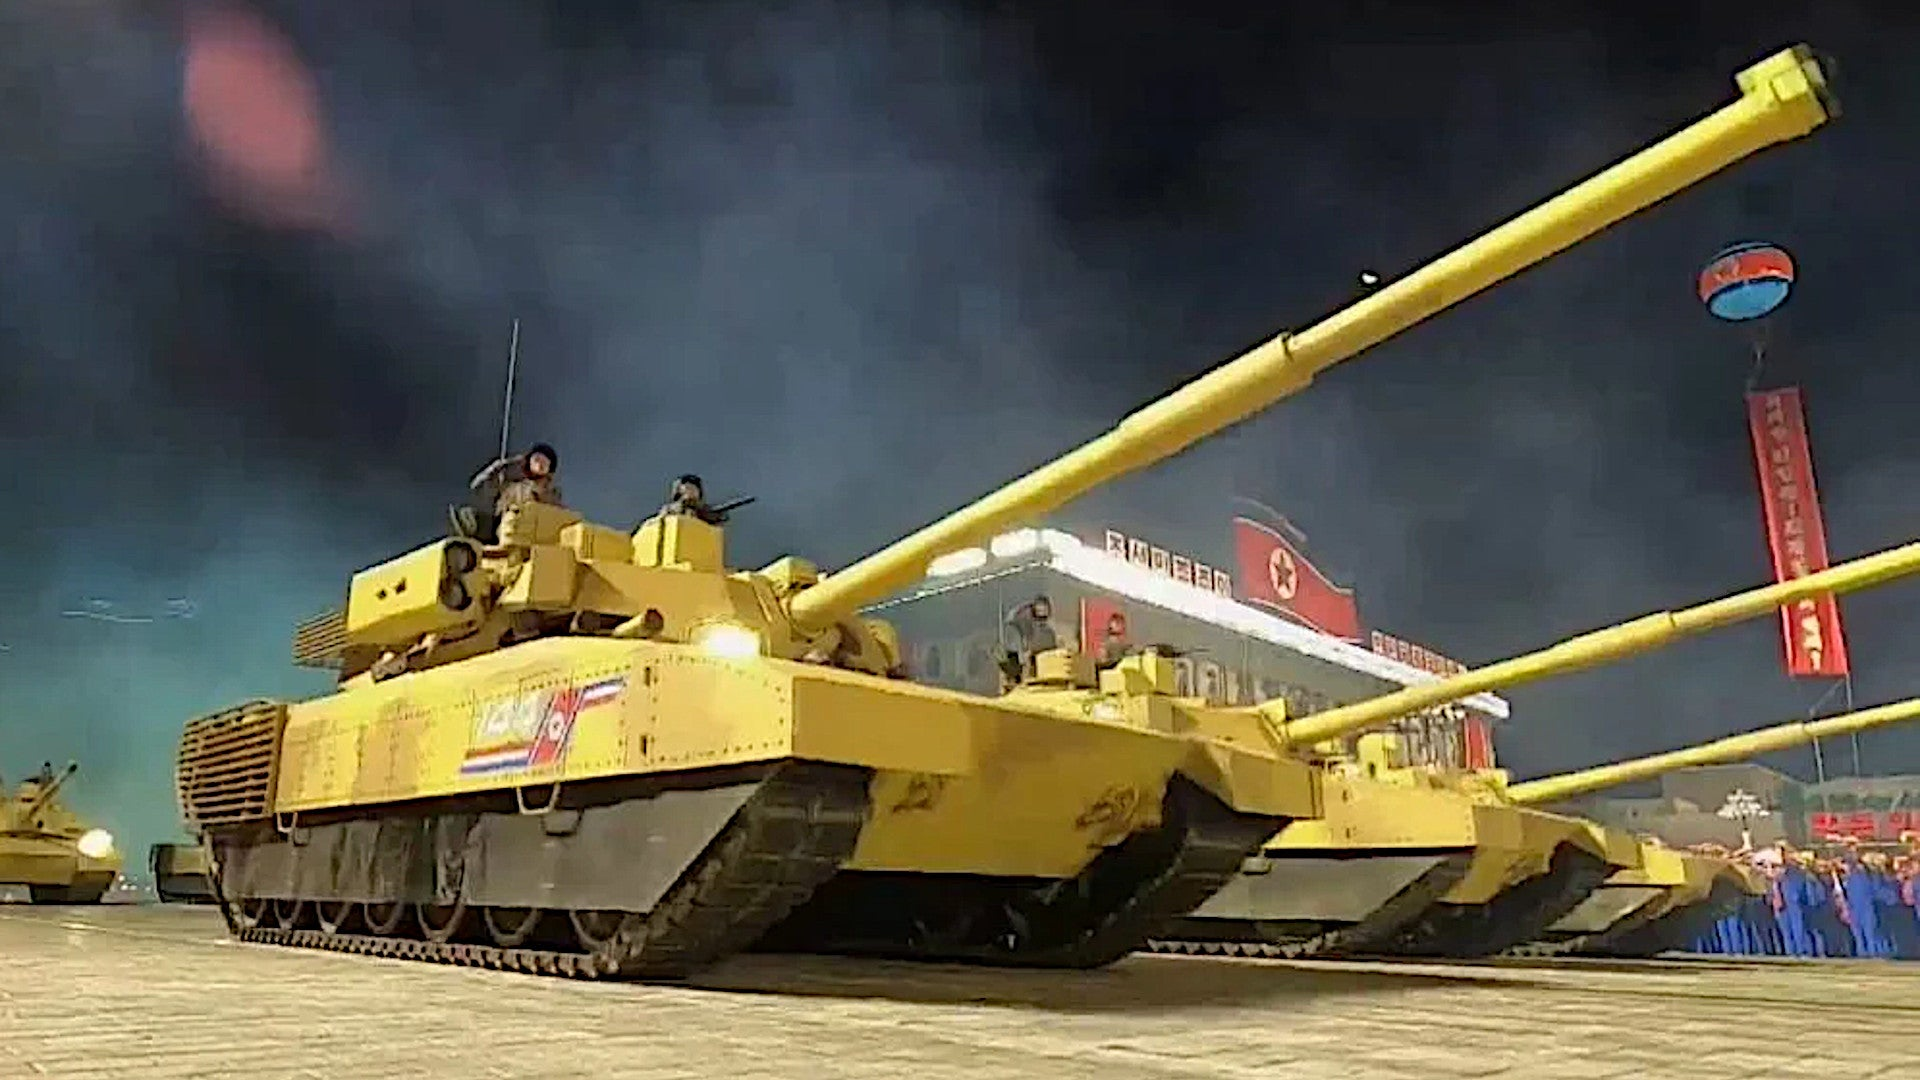 Soi mẫu xe tăng hoàng kim Triều Tiên đem ra duyệt binh: Điểm lạ lùng hiếm thấy